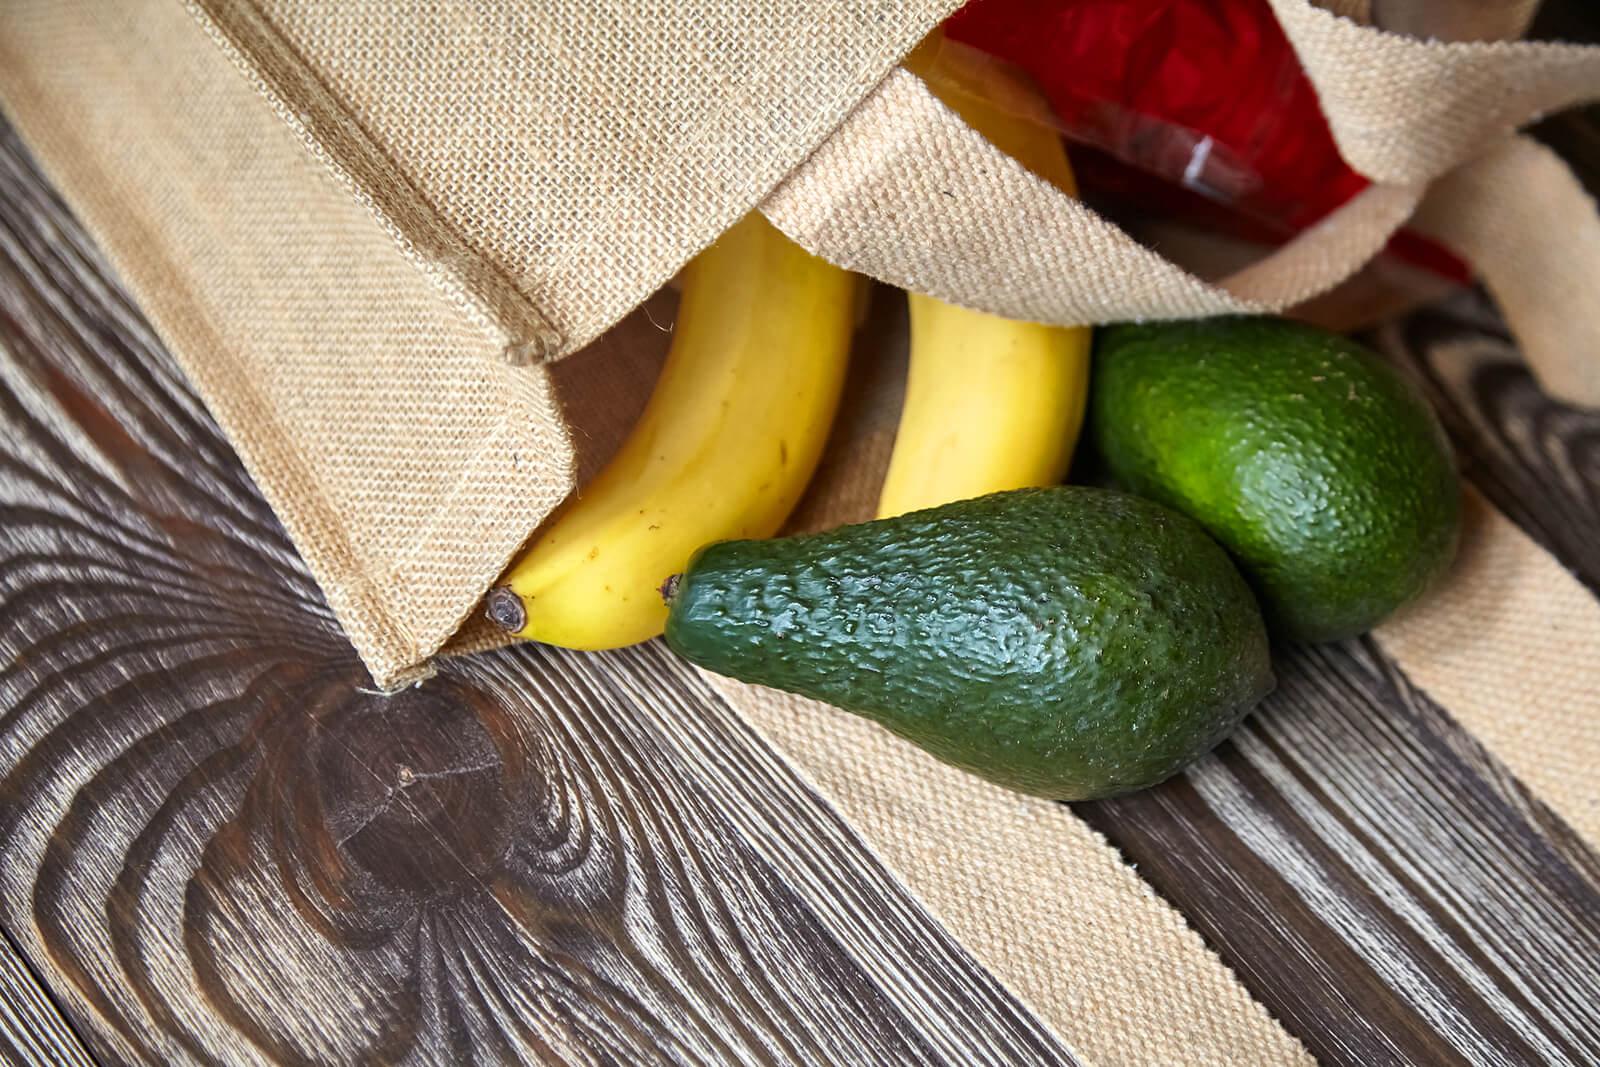 Las 4 frutas con más calorías y sus beneficios